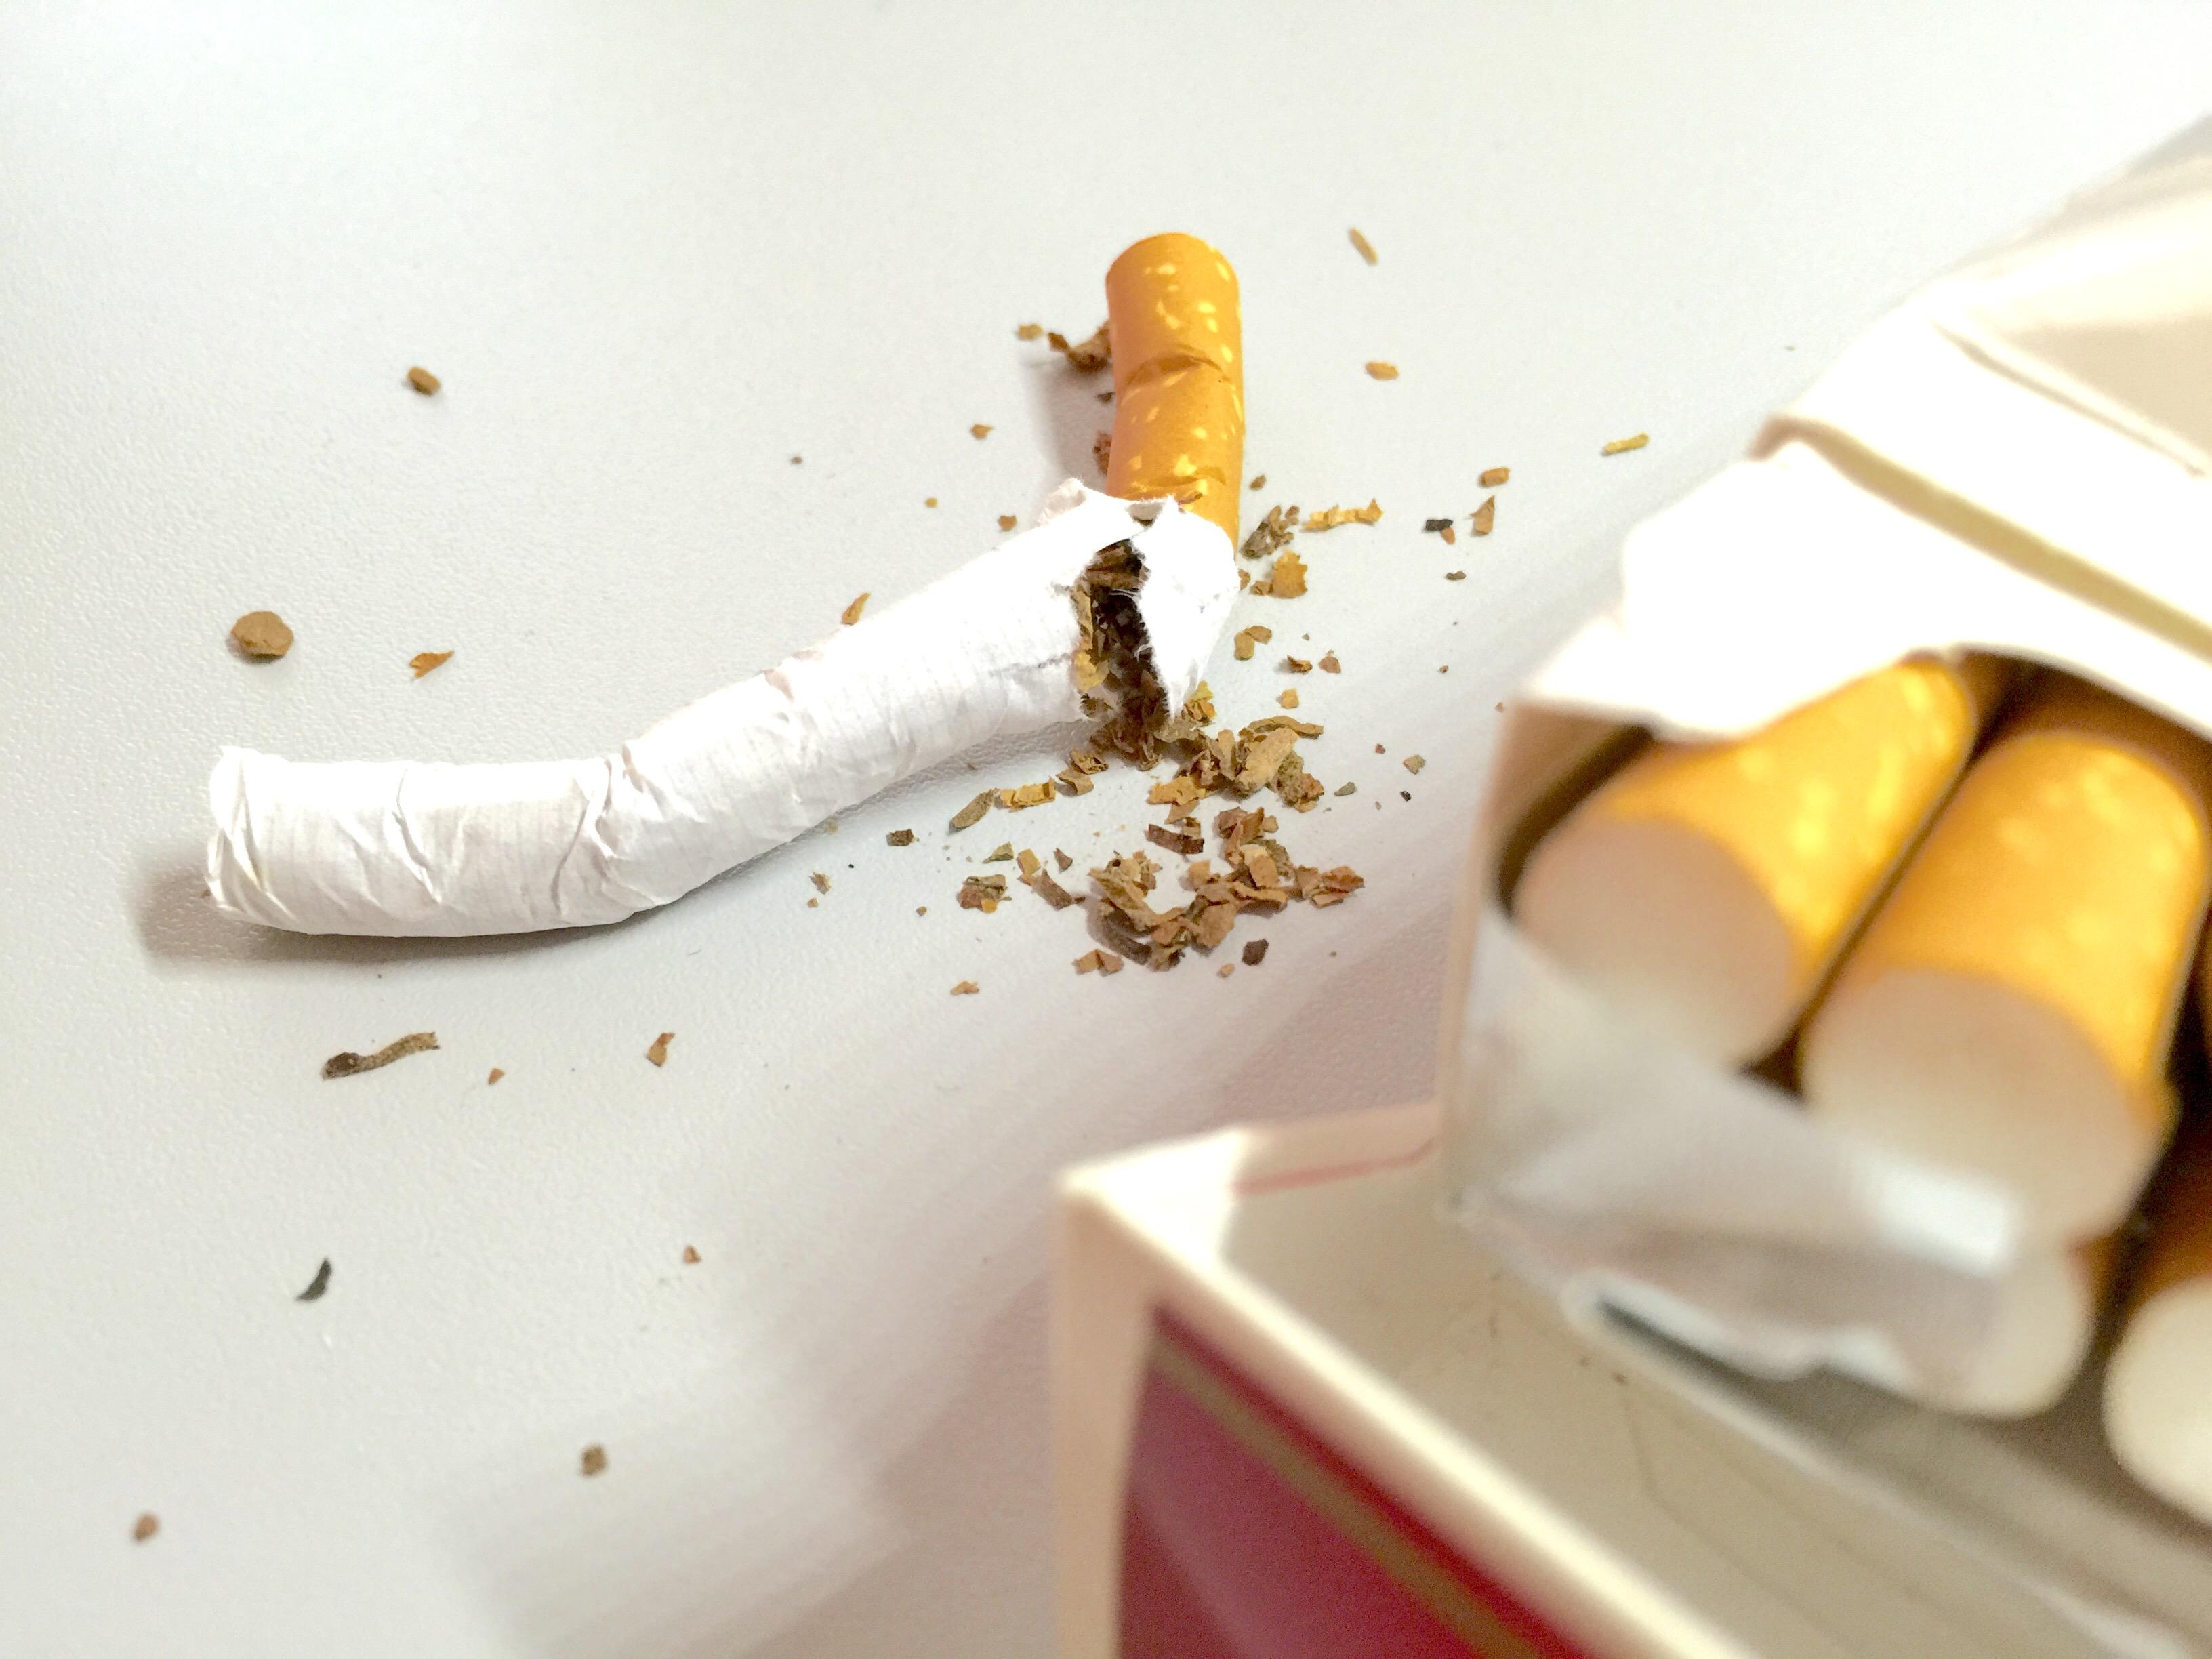 Sie wollen mit dem Rauchen aufhören? Wir können Ihnen dabei helfen!